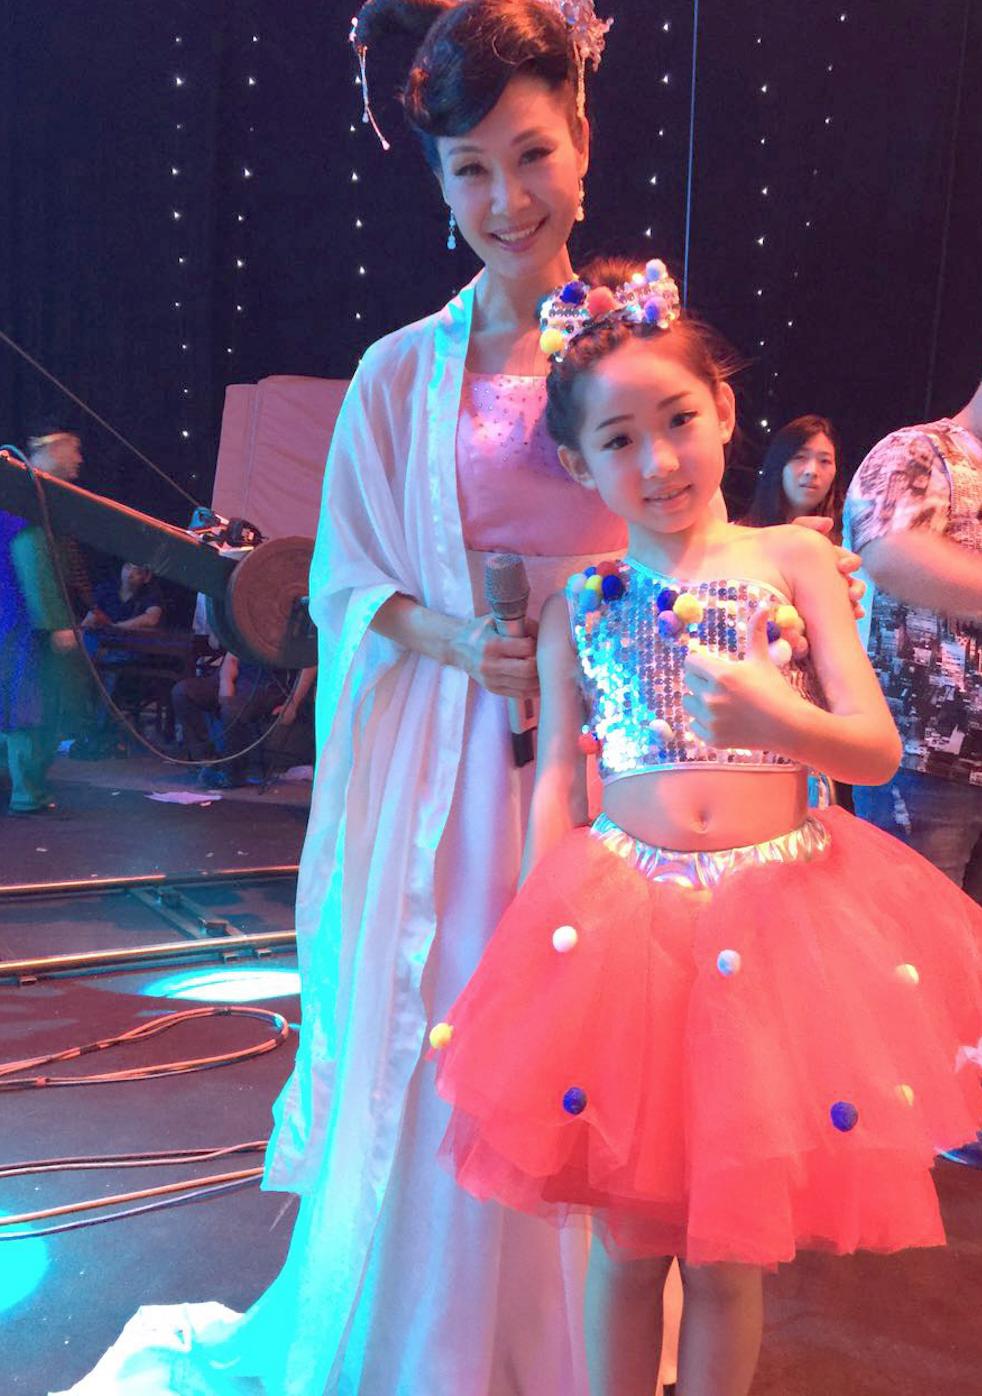 香港国际星童星王嘉榕央视暑期《七天乐》挑战创意舞蹈平衡车